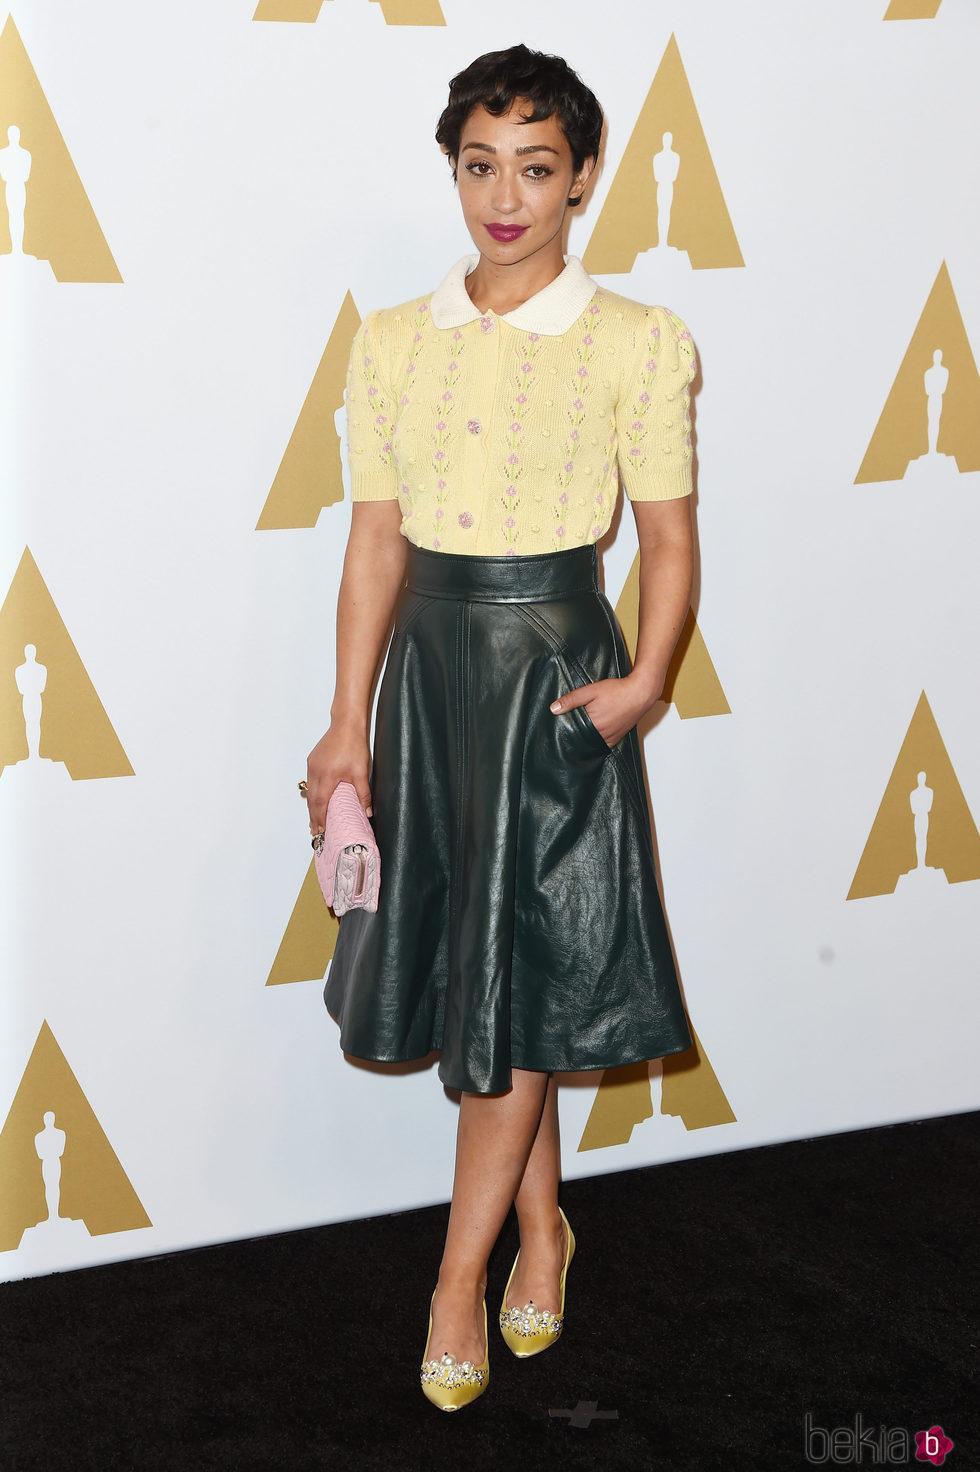 Ruth Negga en el almuerzo de los nominados a los Oscar 2017